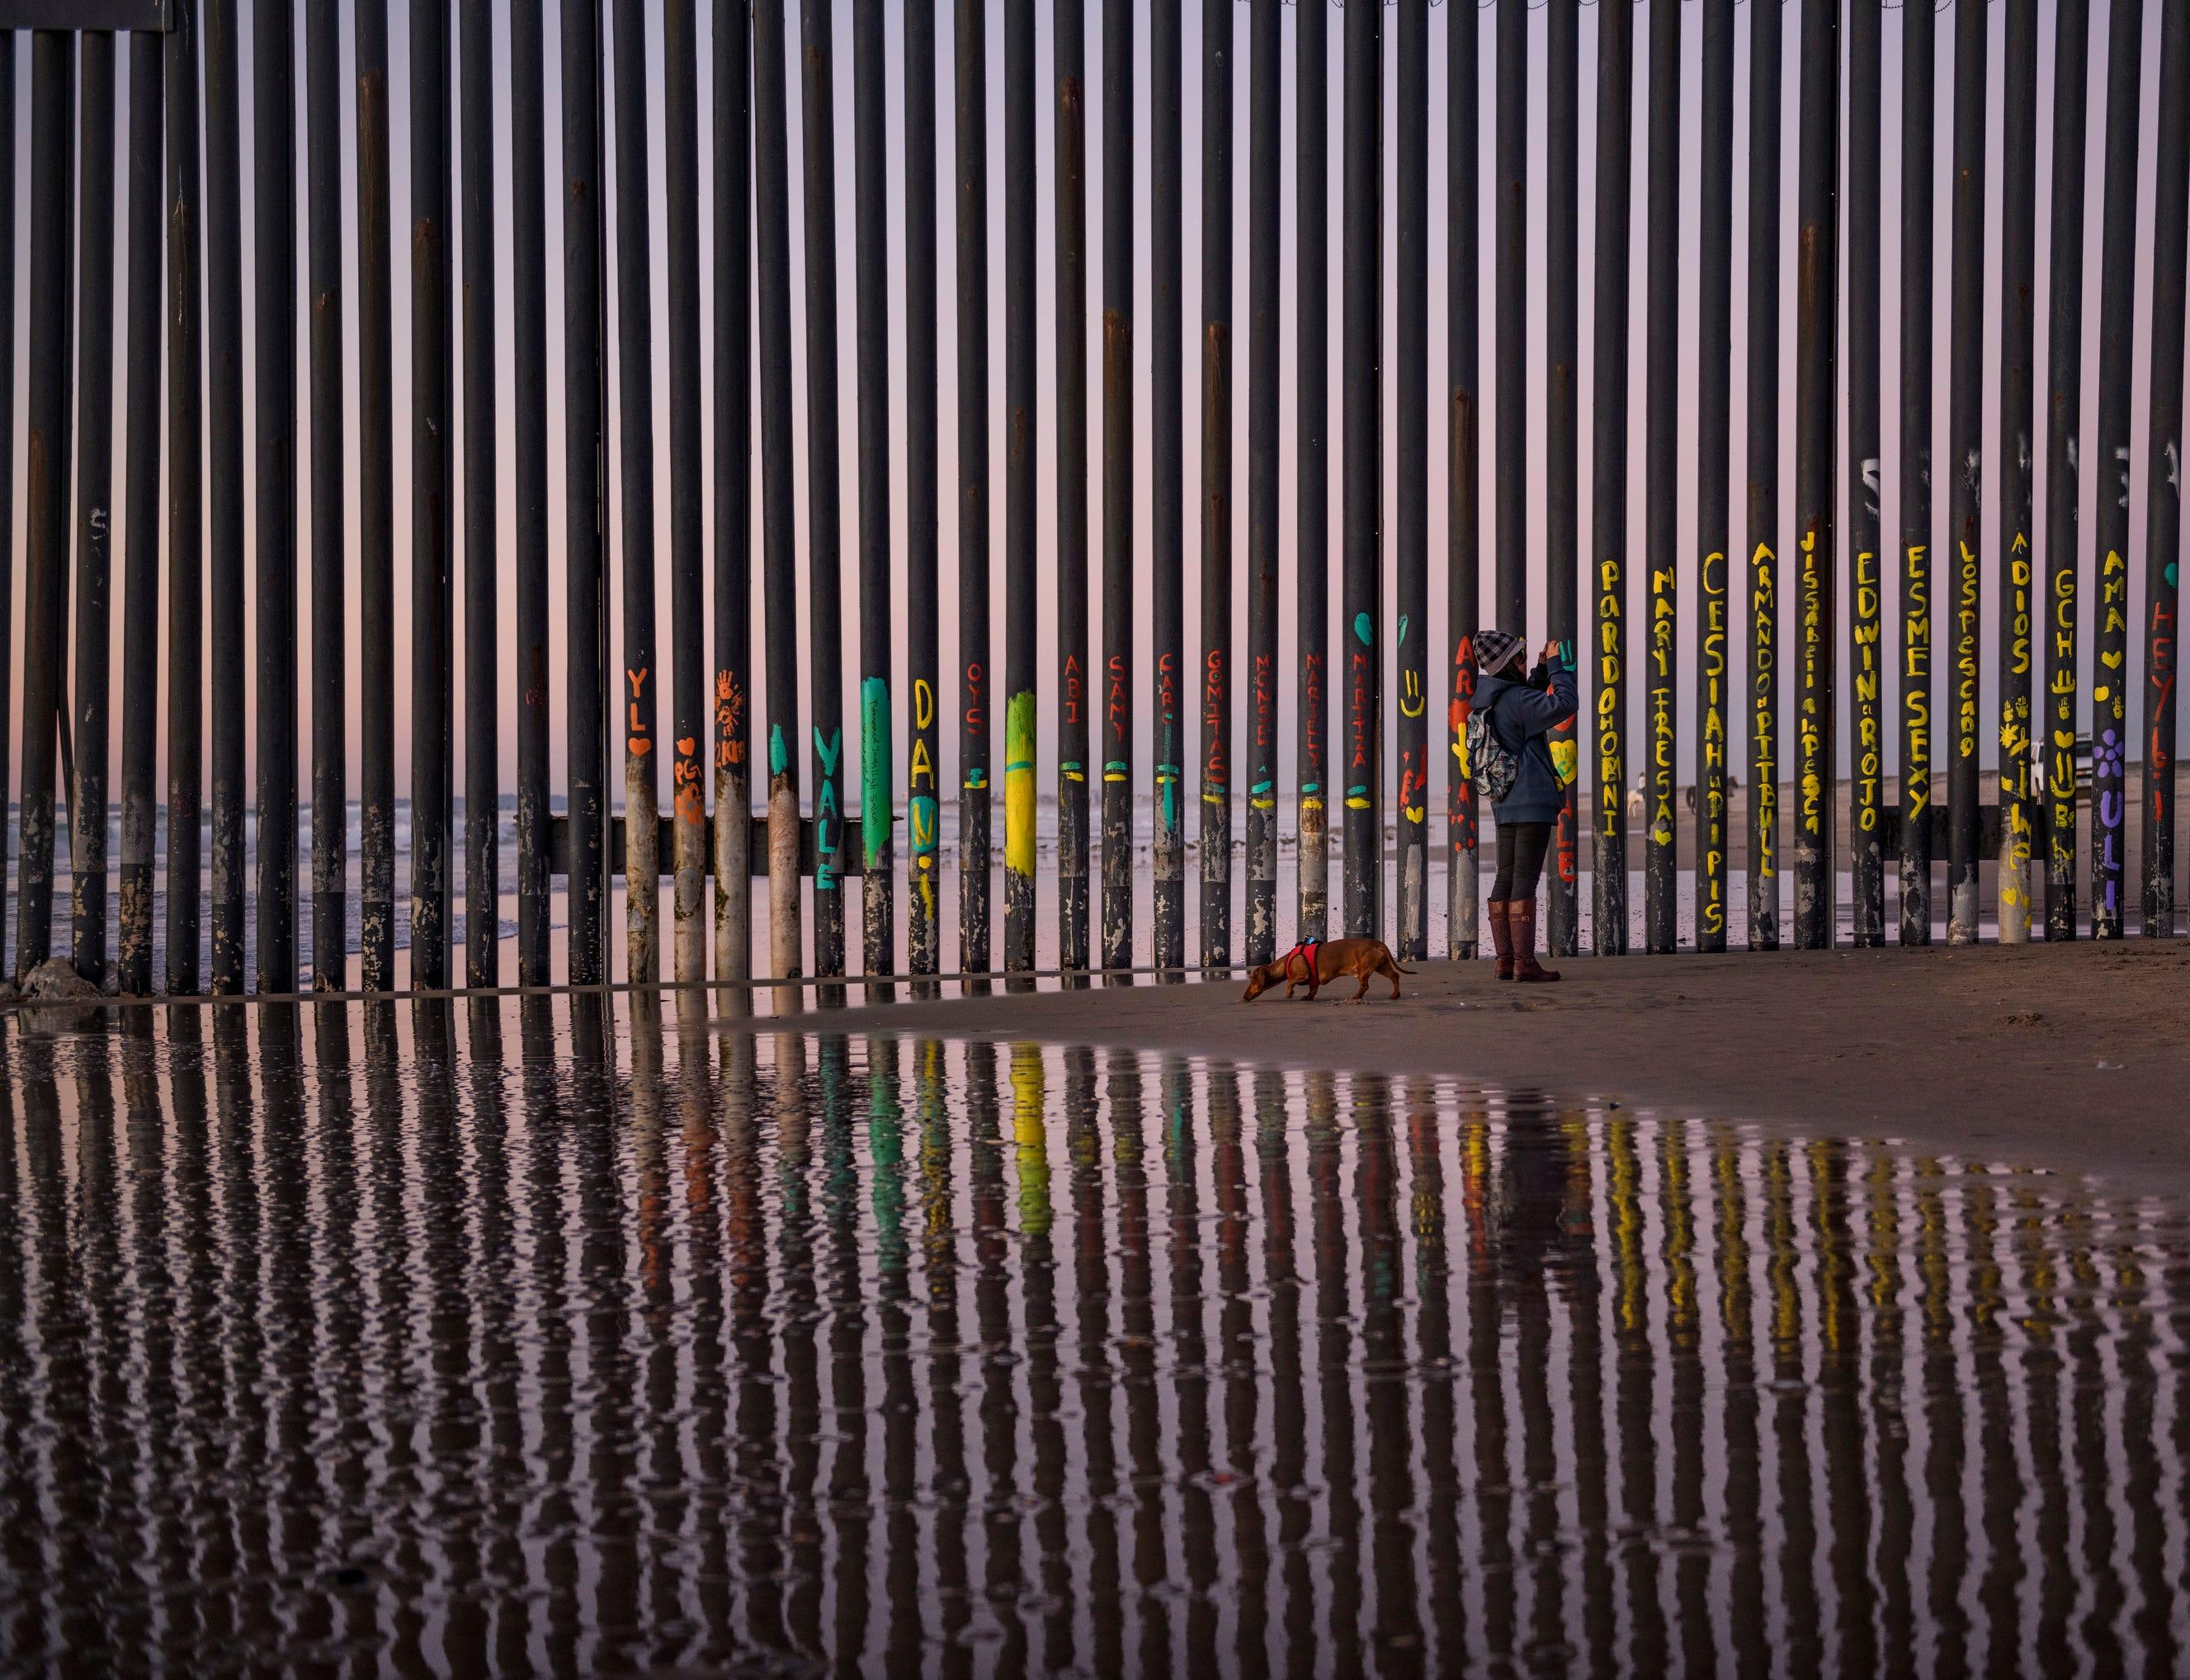 Ap Central American Migrant Caravan I Mex